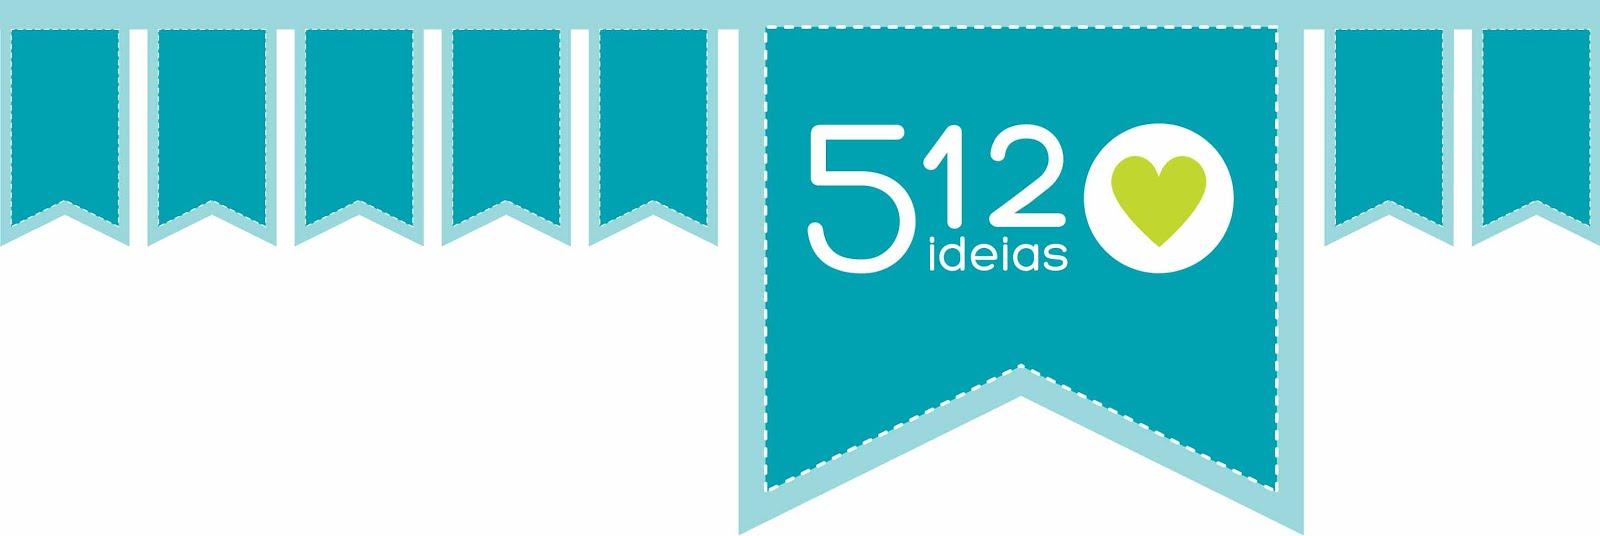 512 Ideias